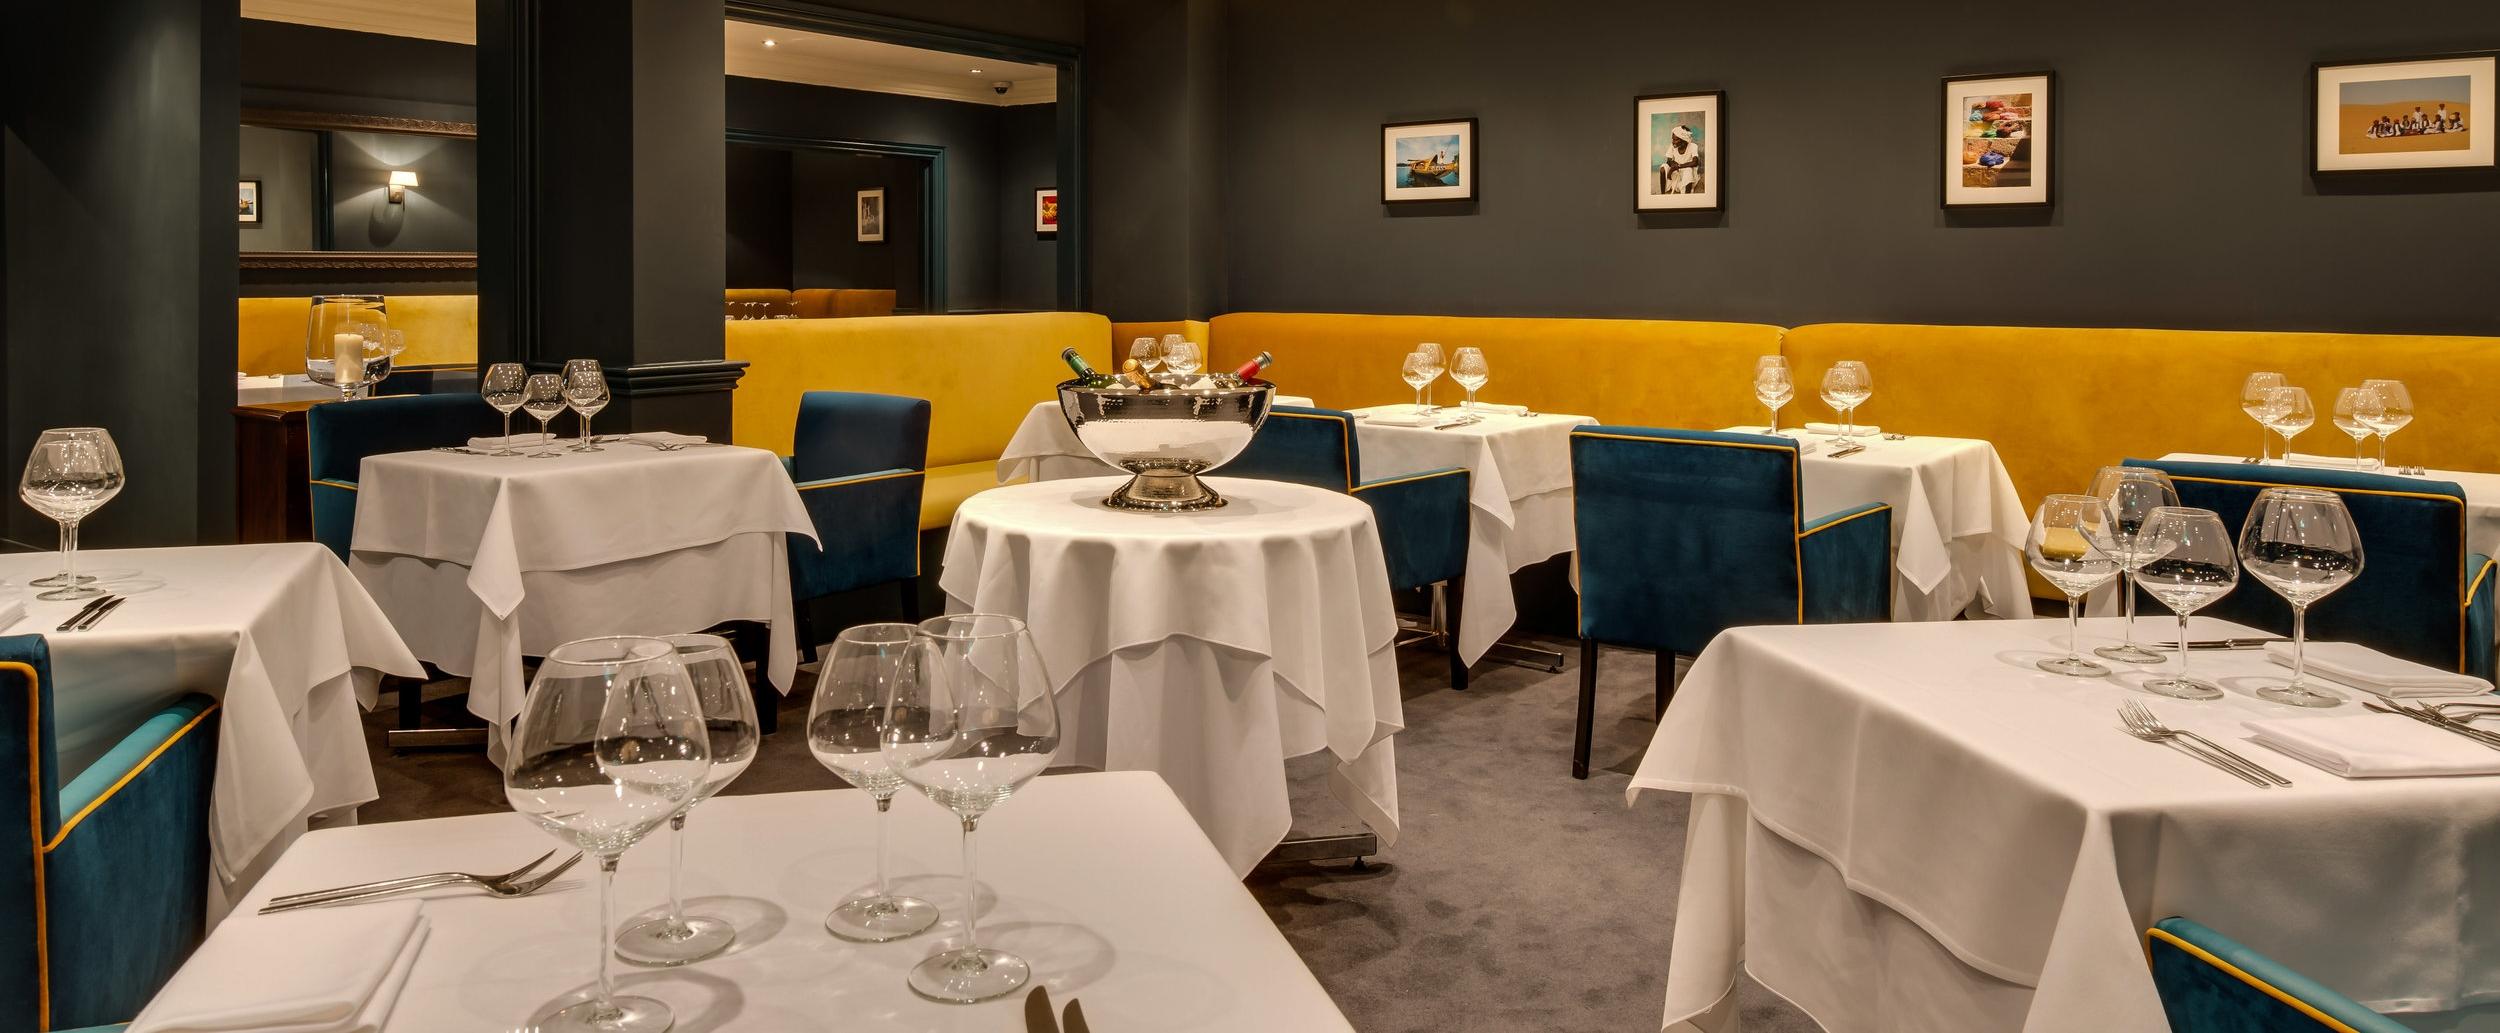 Restaurant dining room.